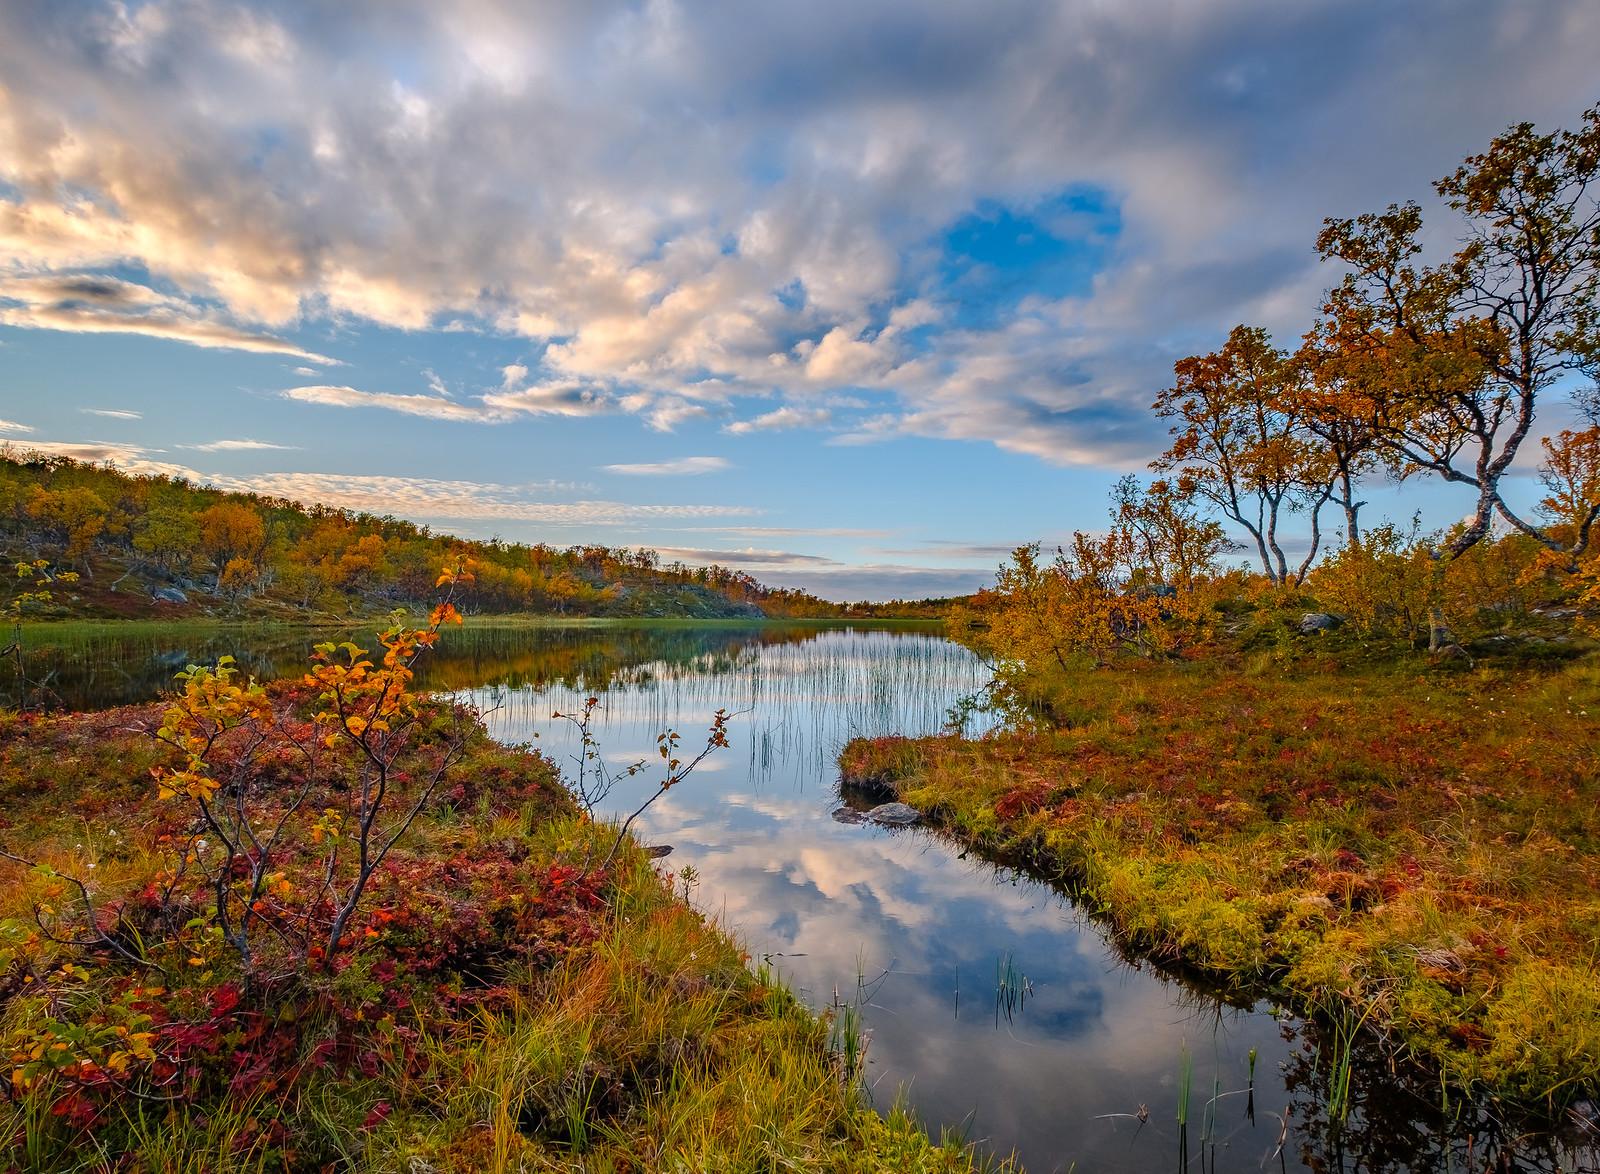 Autumn at Aunfjellet